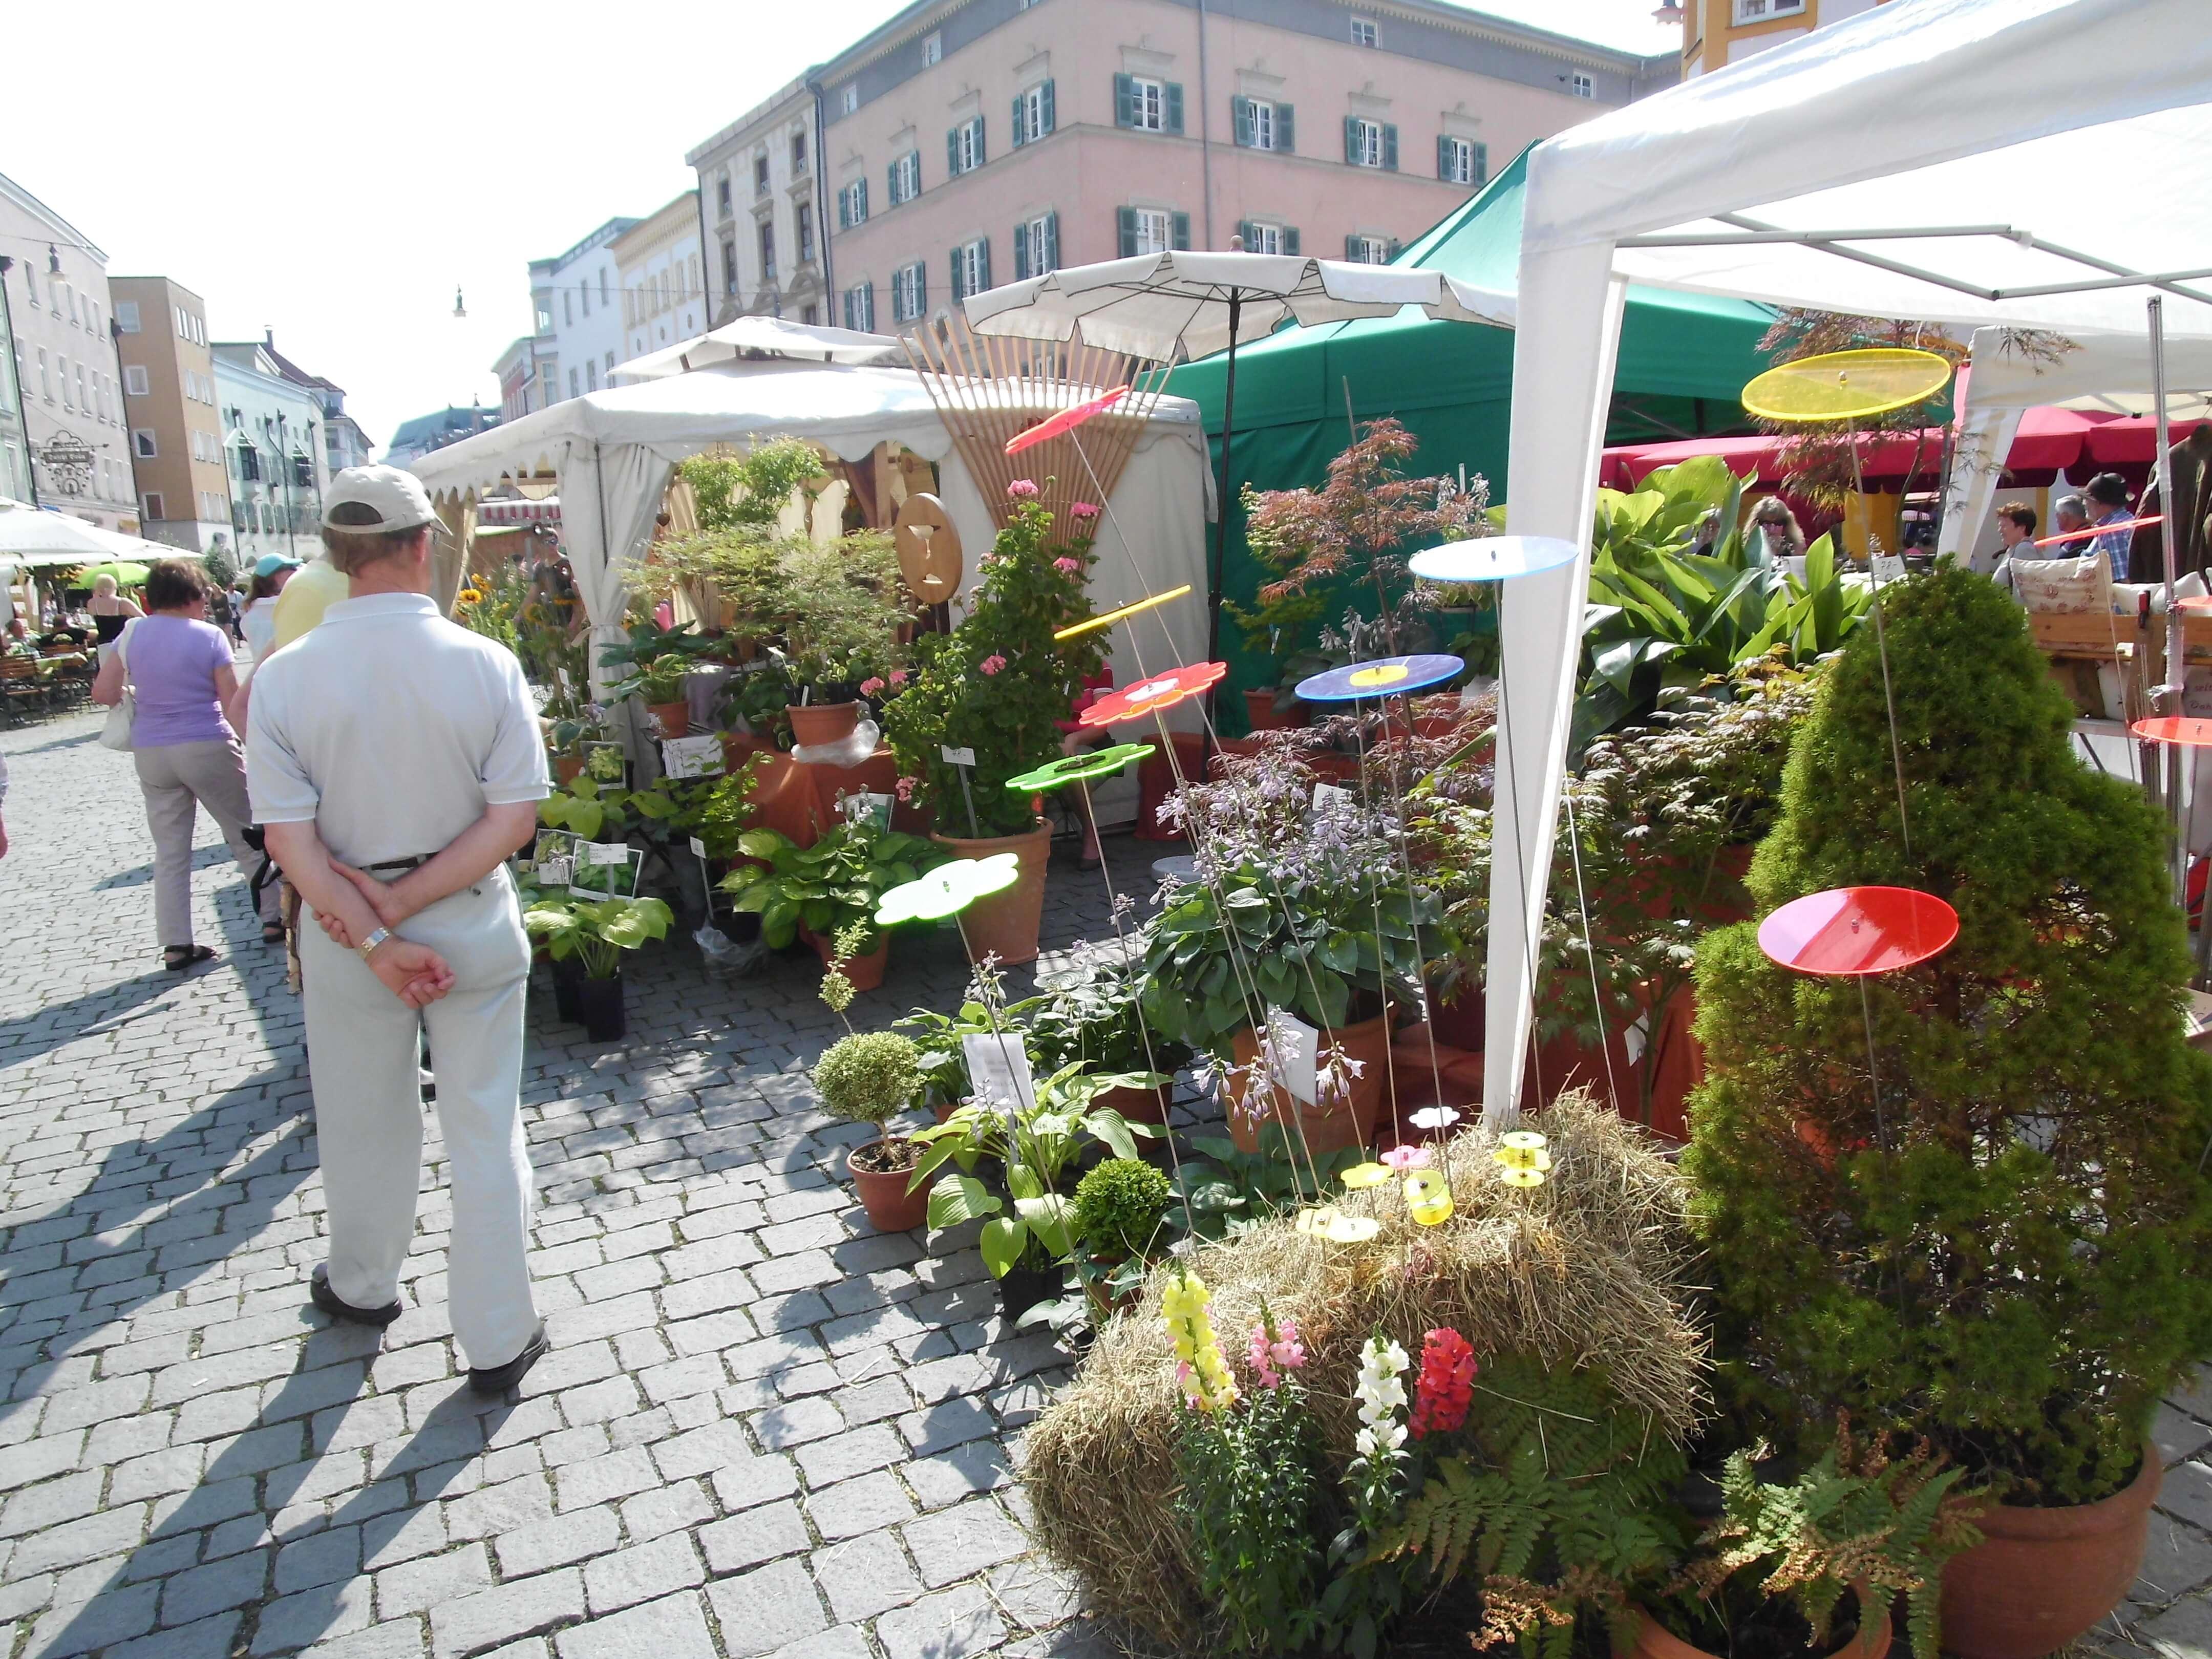 Blumen U Gartenmarkt Mit Antik Trödelmarkt Am Sonntag City